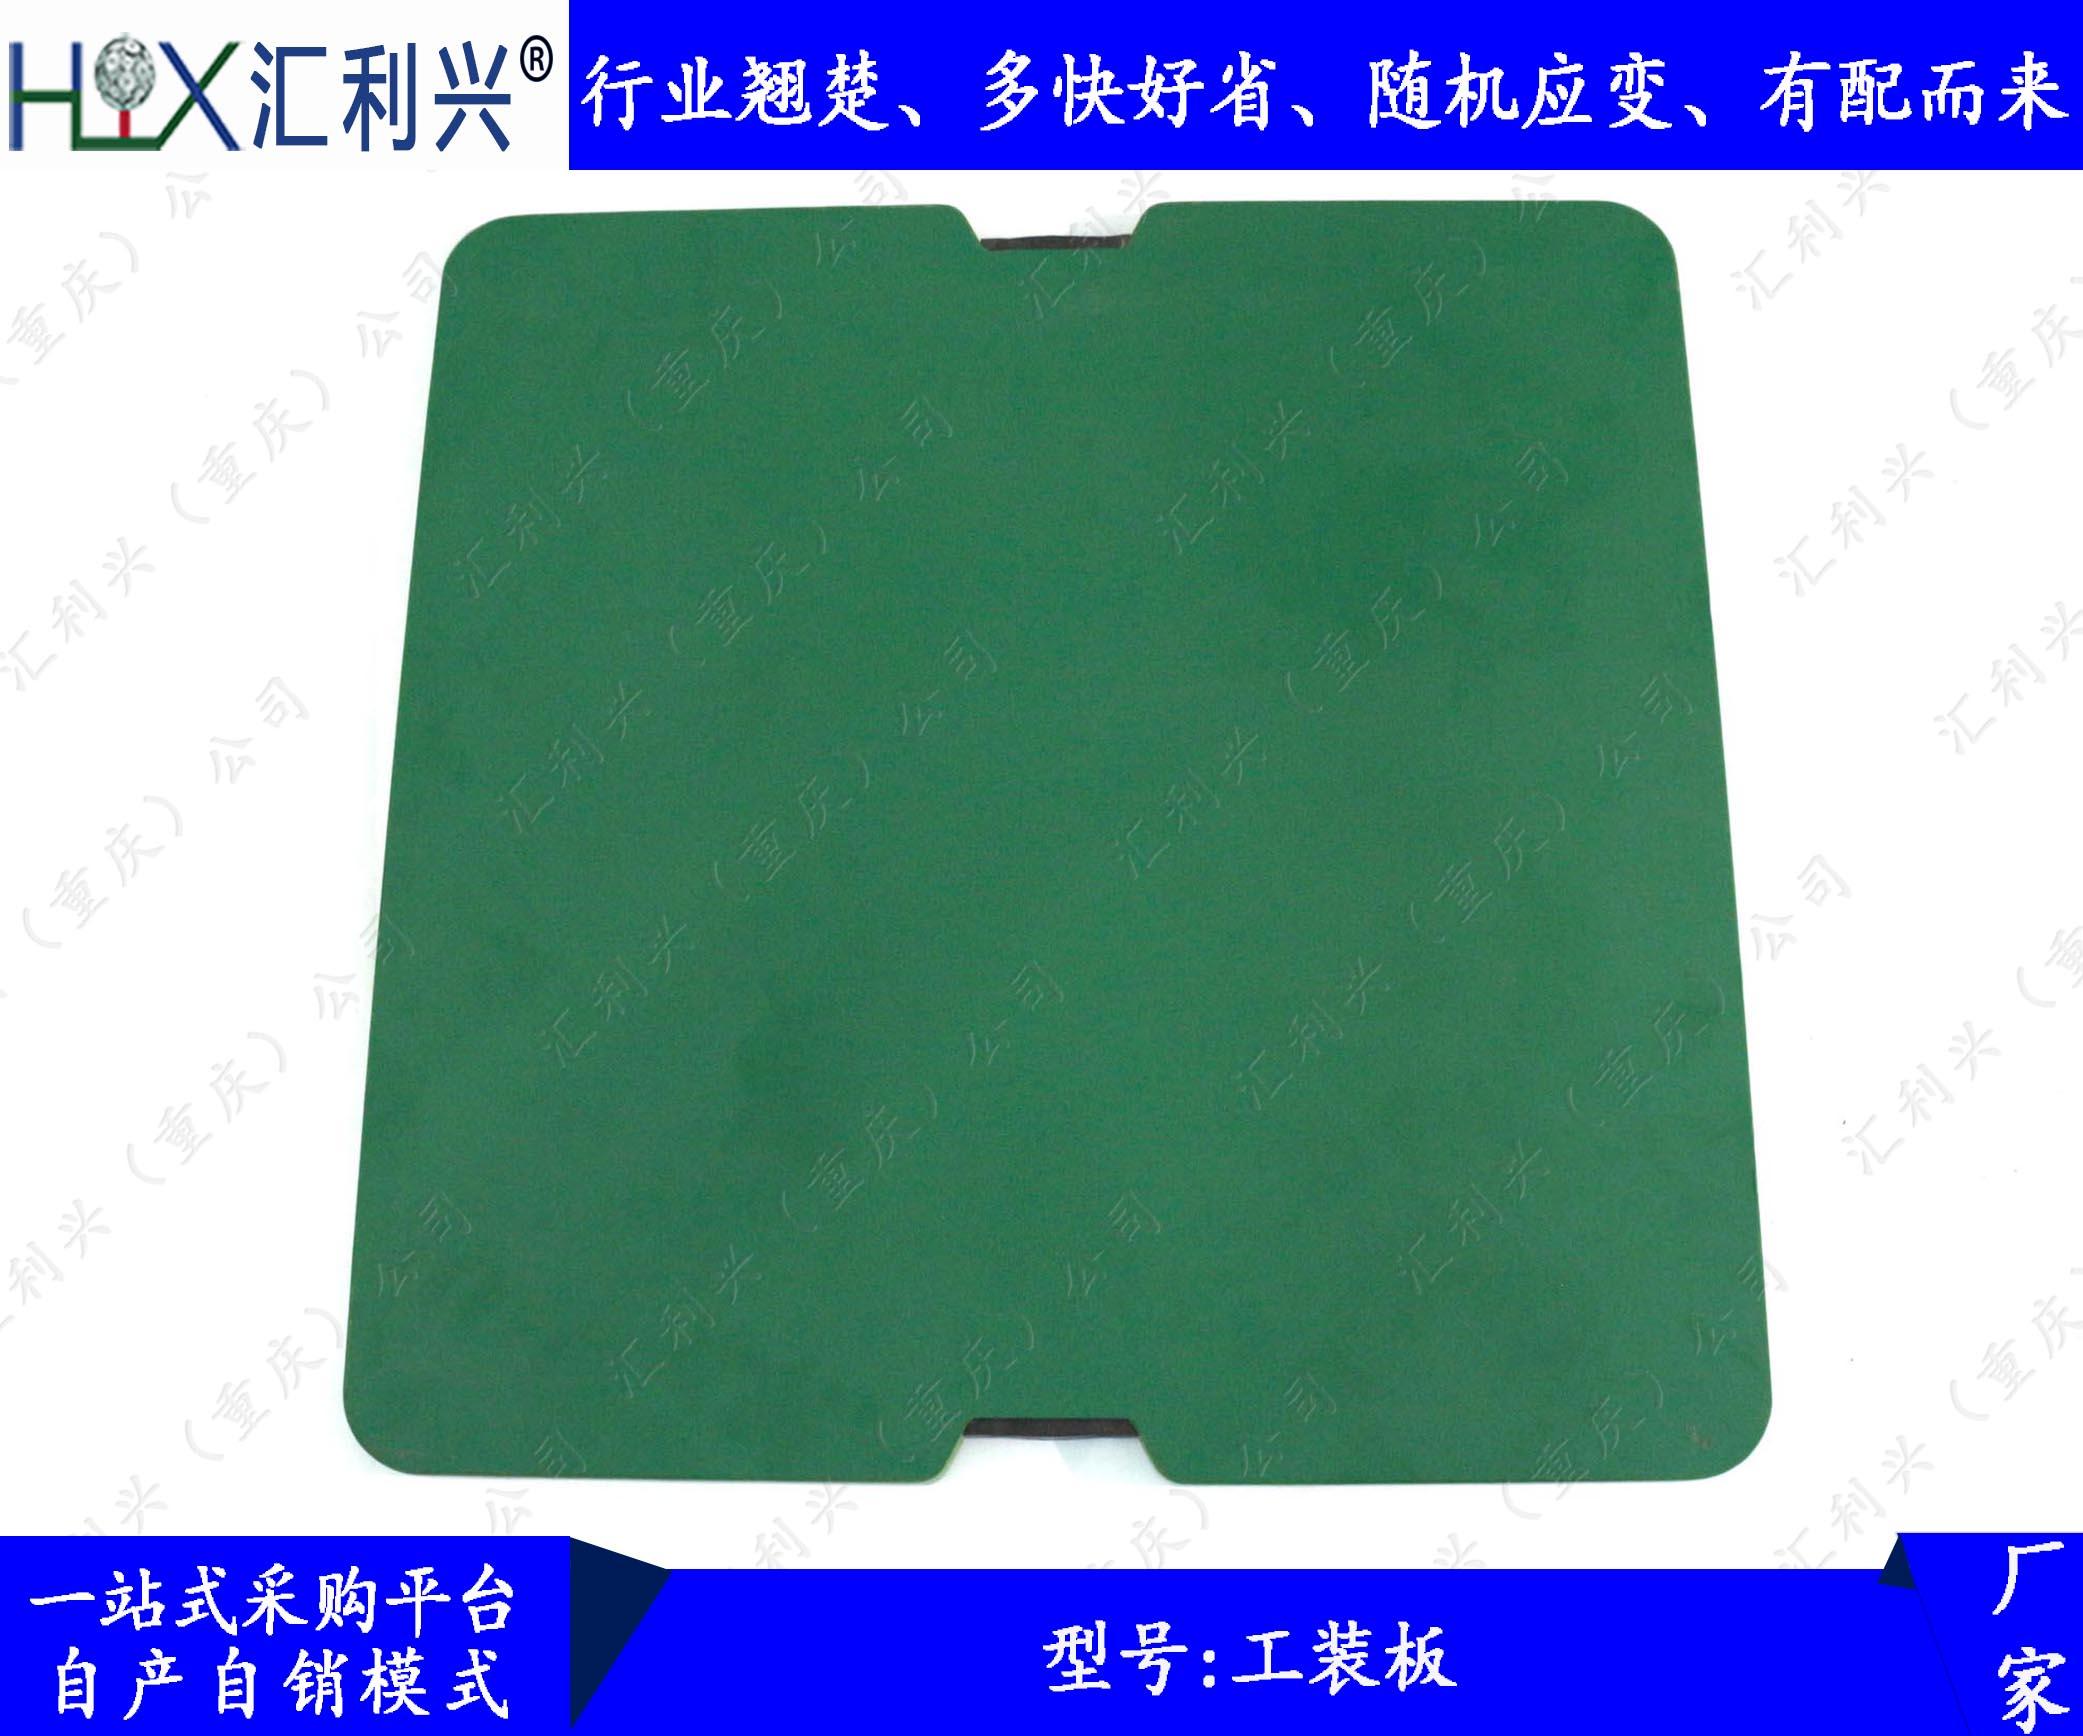 生产线皮带线防静电胶皮组装线导轨工业铝型材